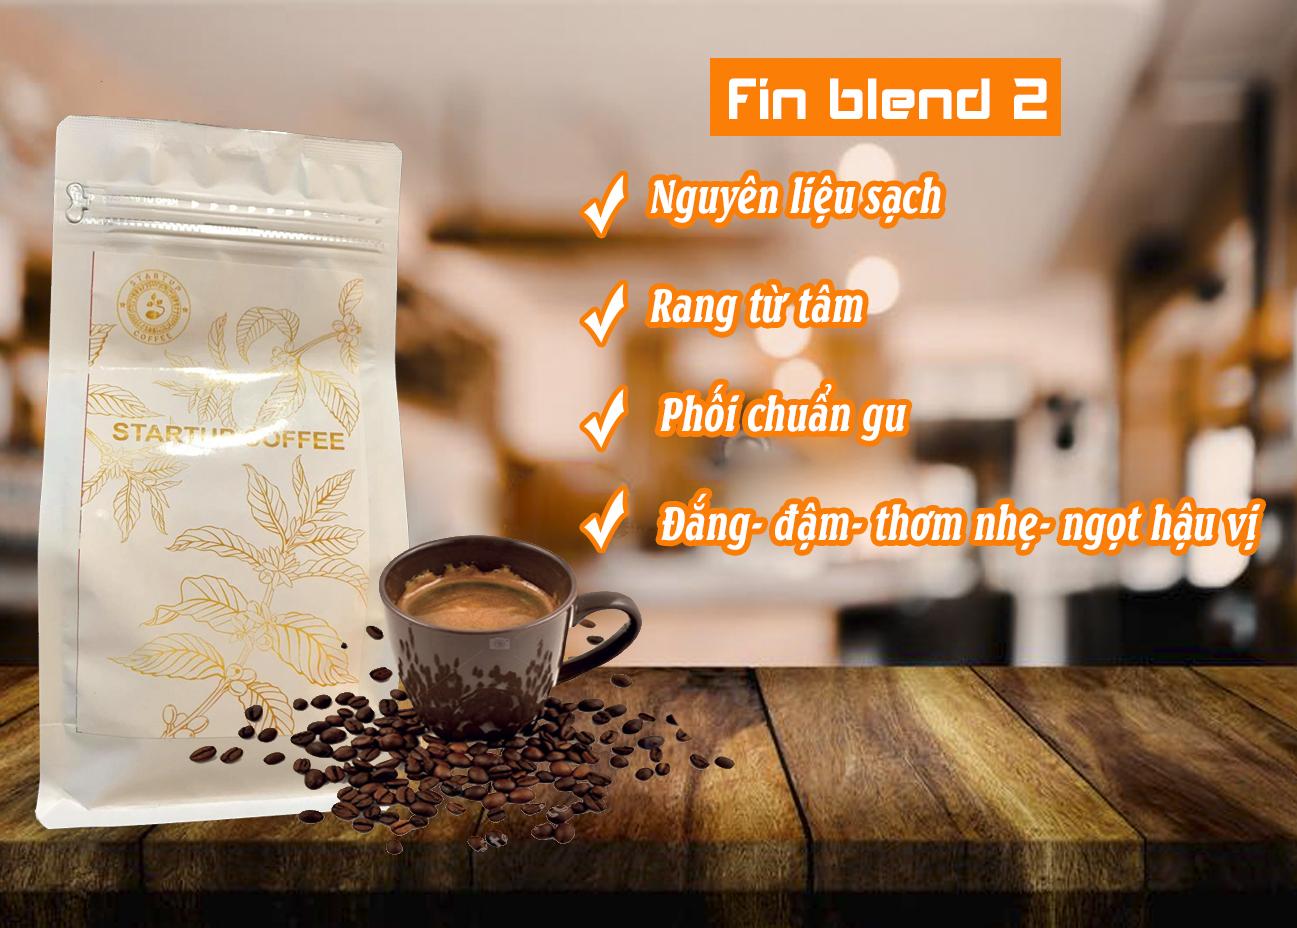 fin-blend-2